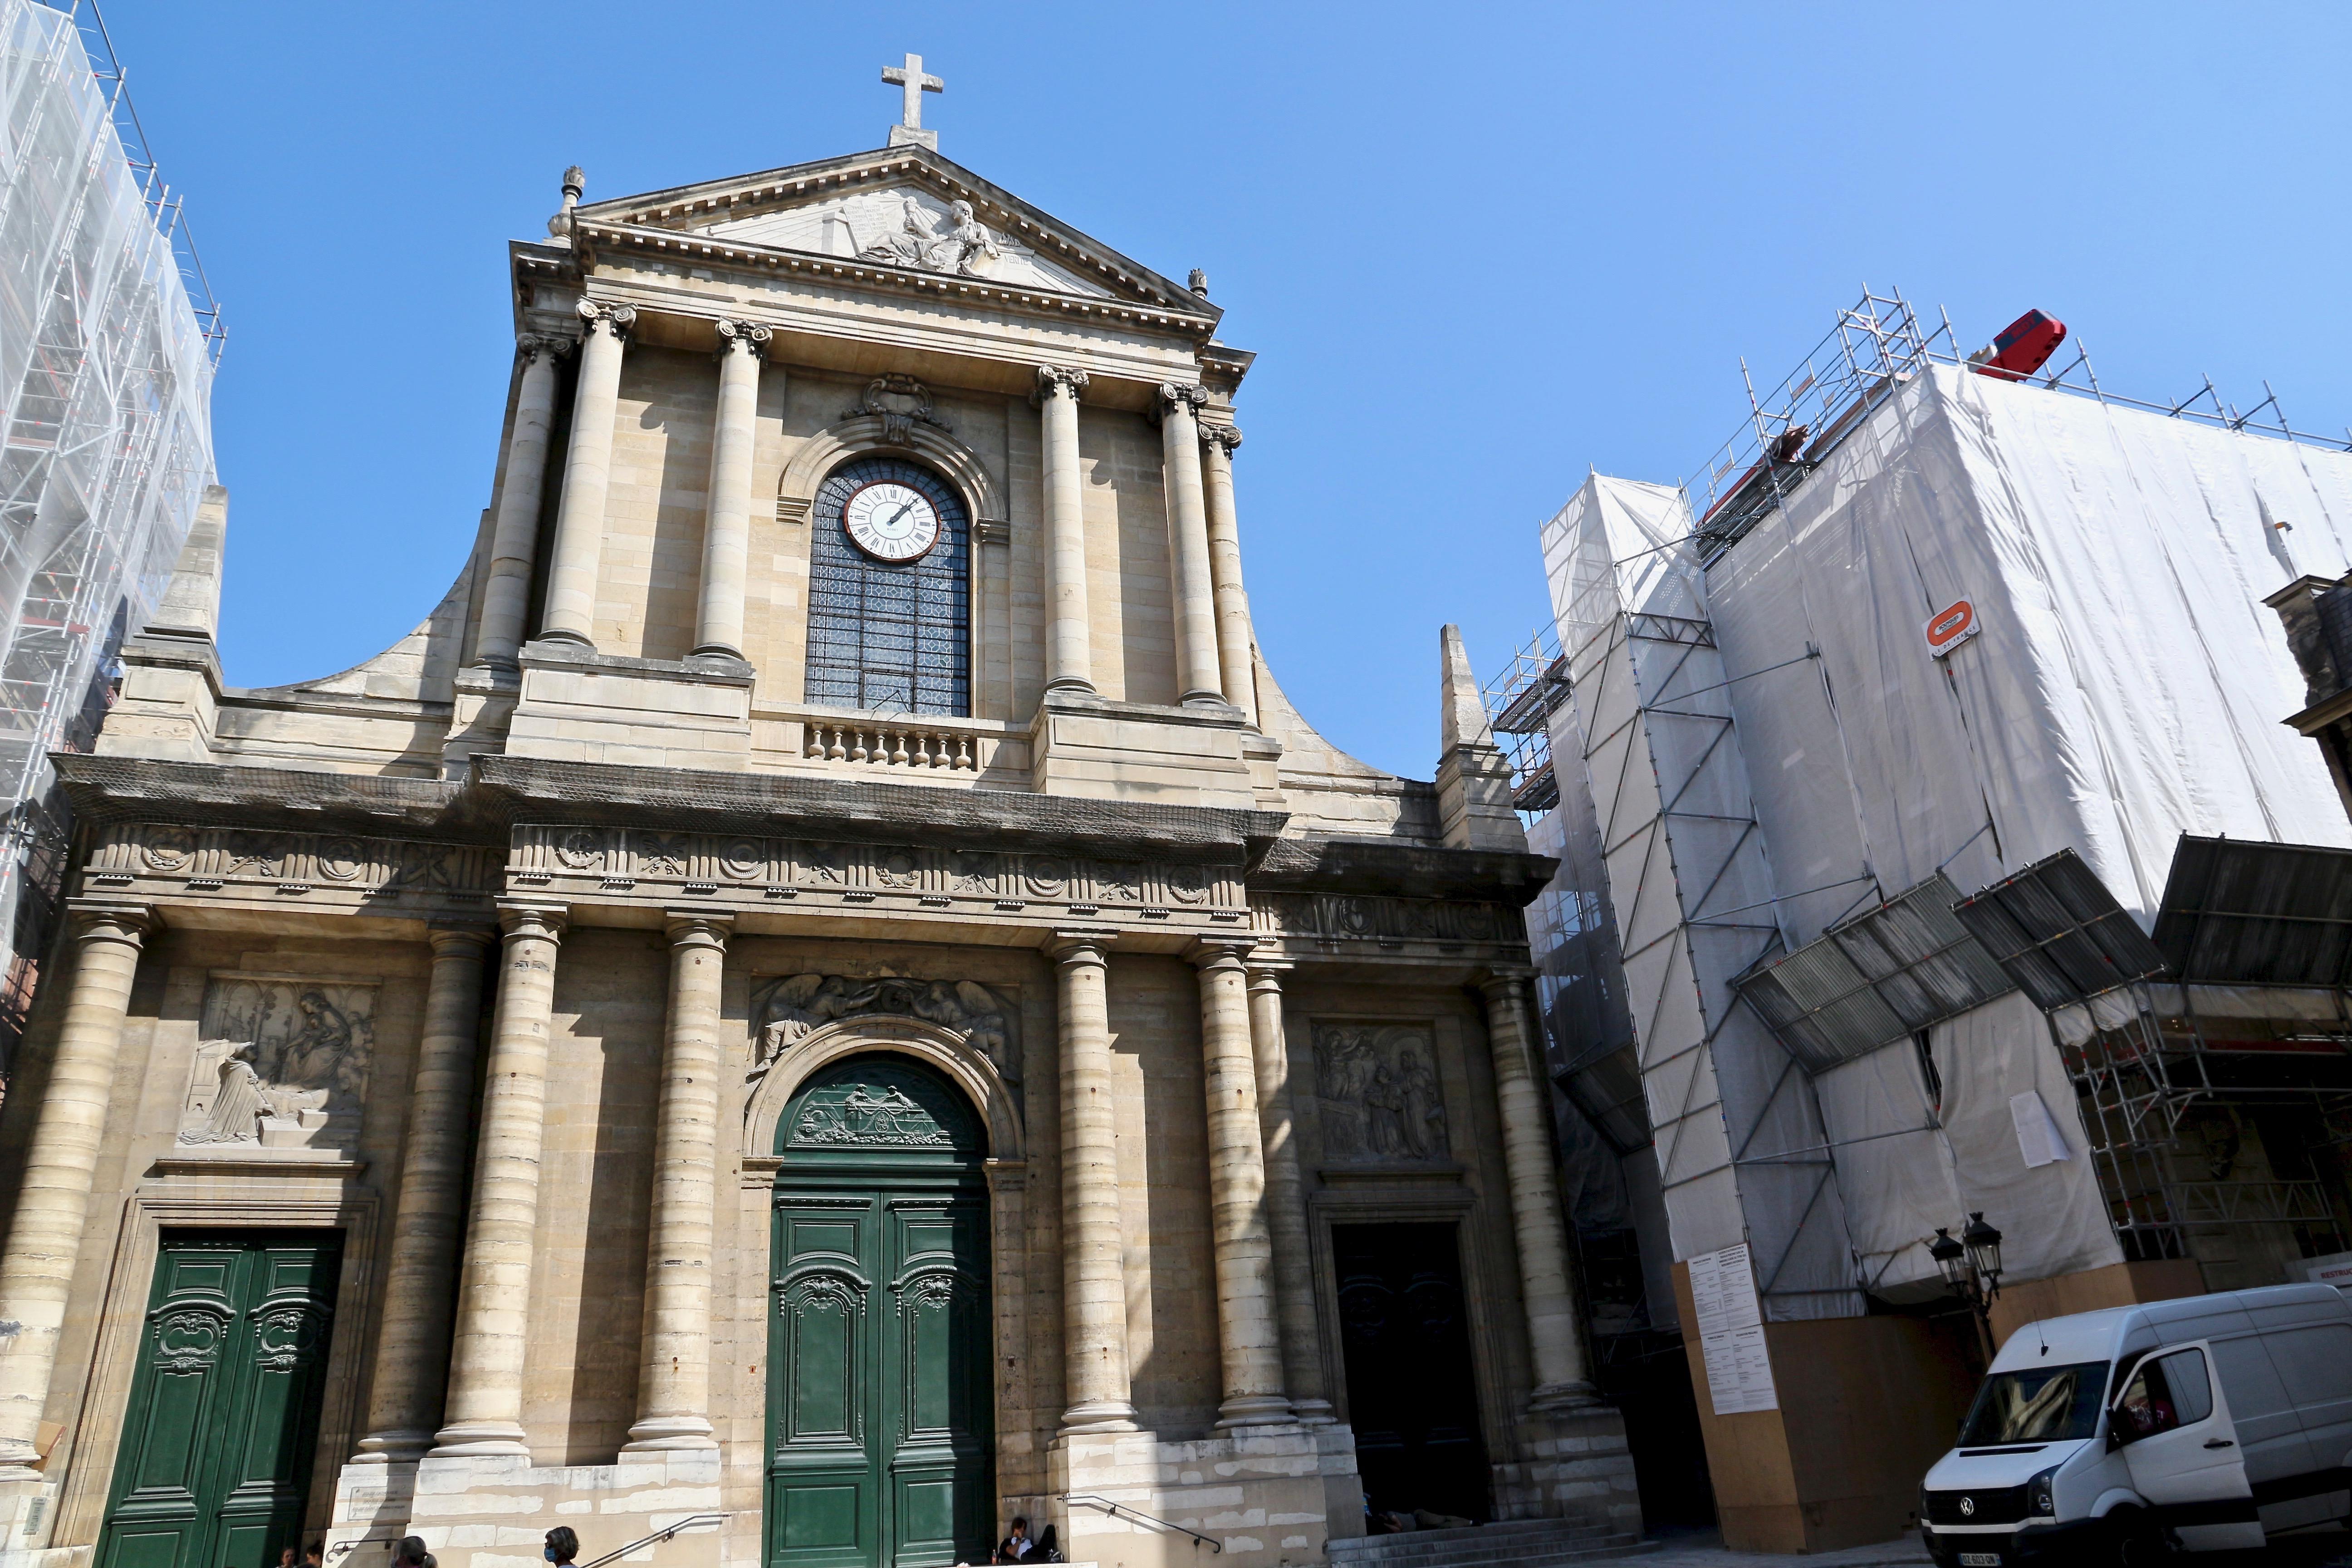 l'église Saint-Thomas-d'Aquin